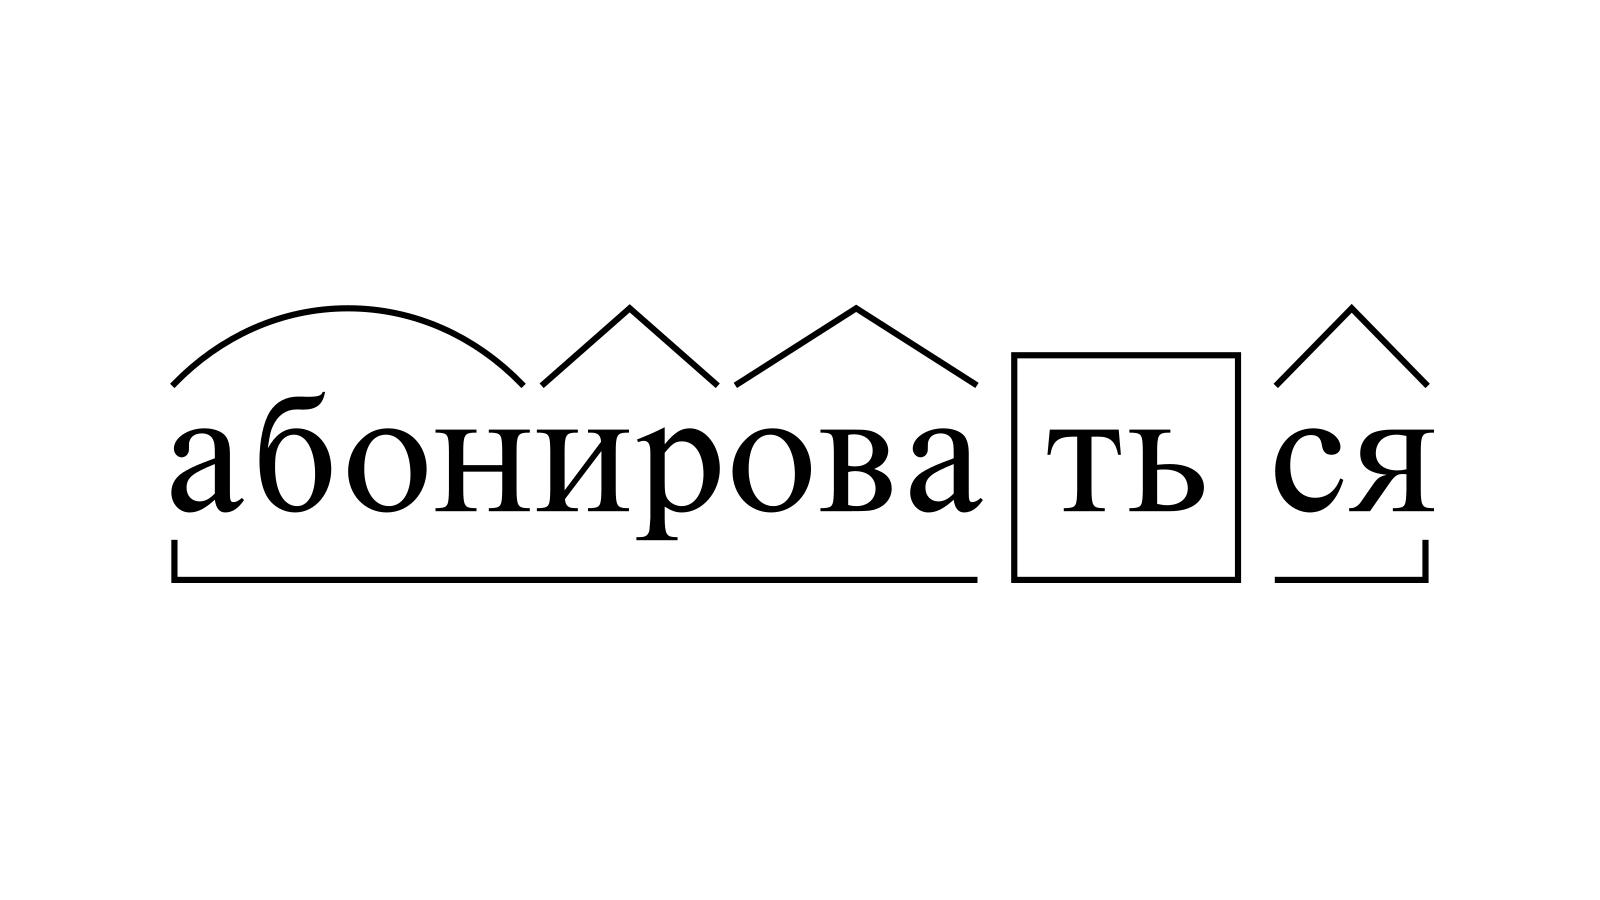 Разбор слова «абонироваться» по составу